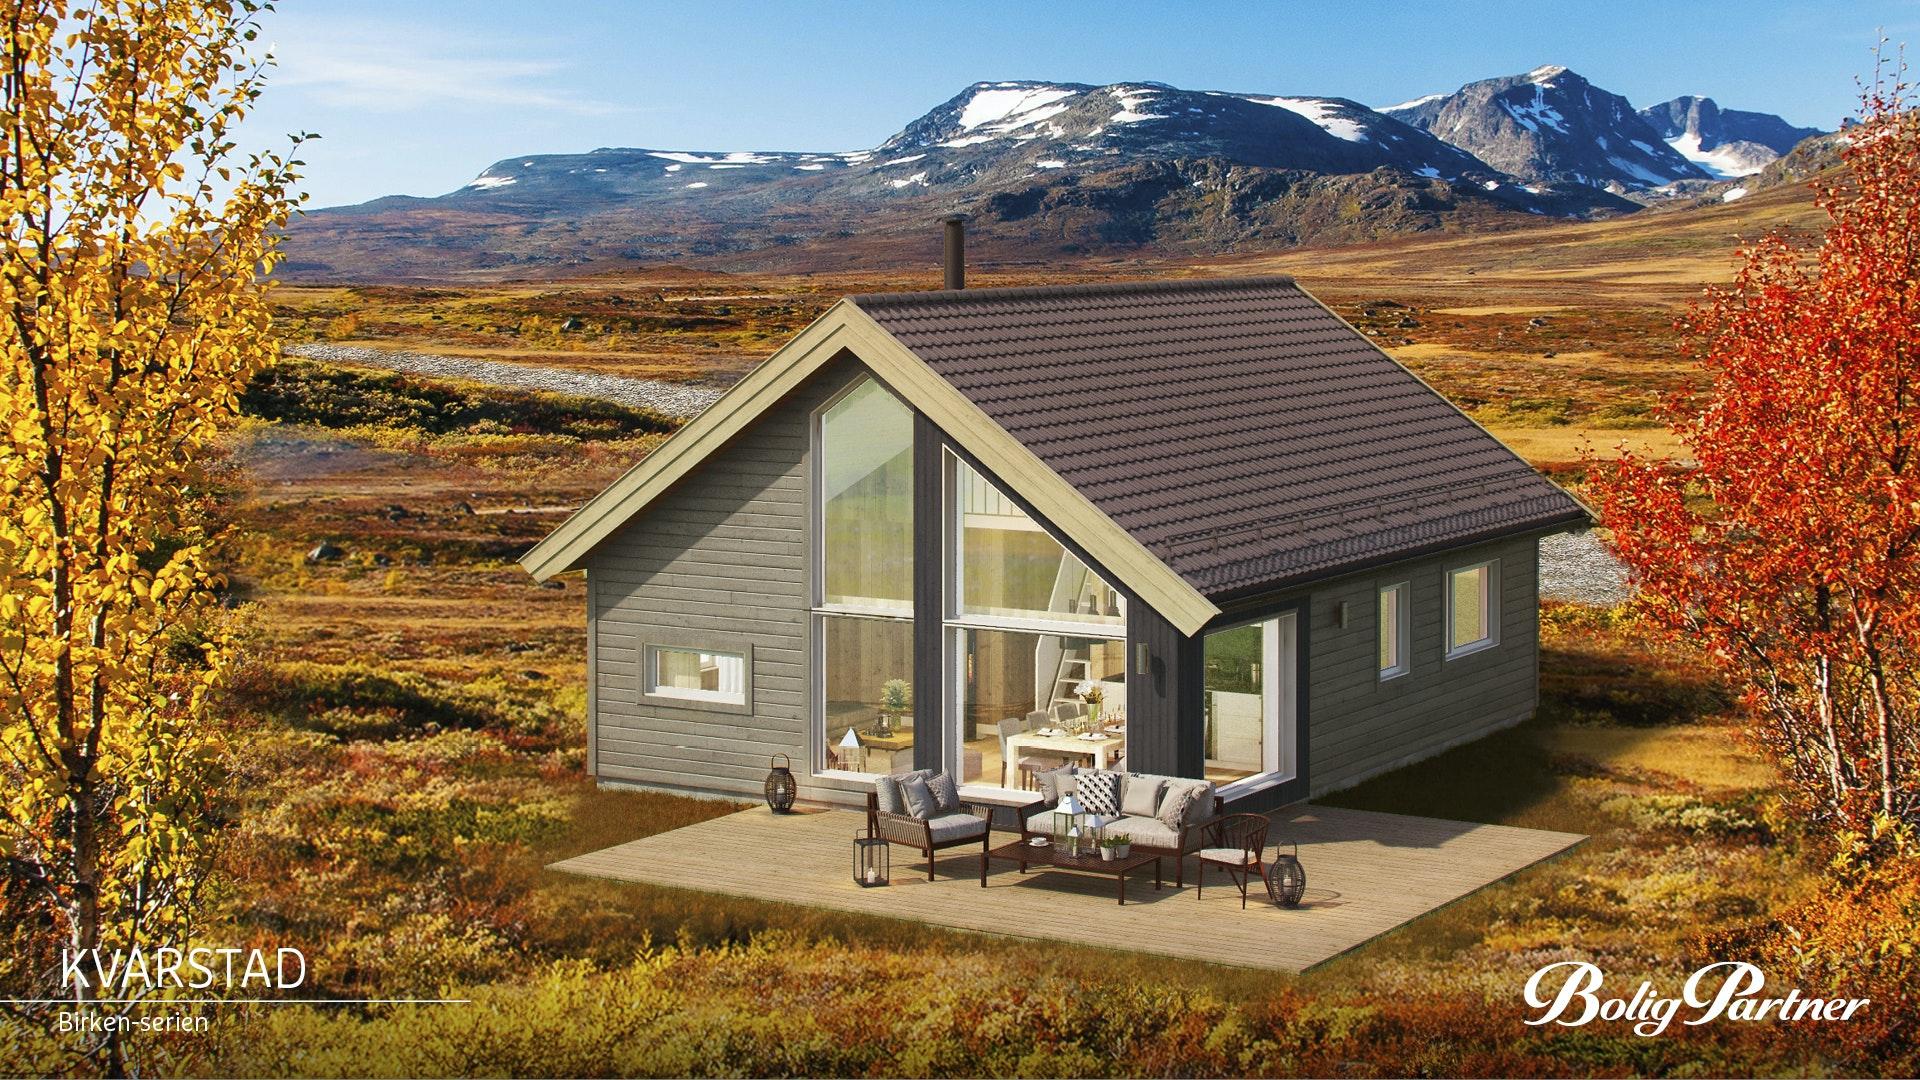 Flå/Turufjell - Prosjektert hytte KVARSTAD, en moderne hytte fra vår Birken-serie, på tomt H18 nær basen for området og kommende skitrekk.  Gode solforhold og vid utsikt.